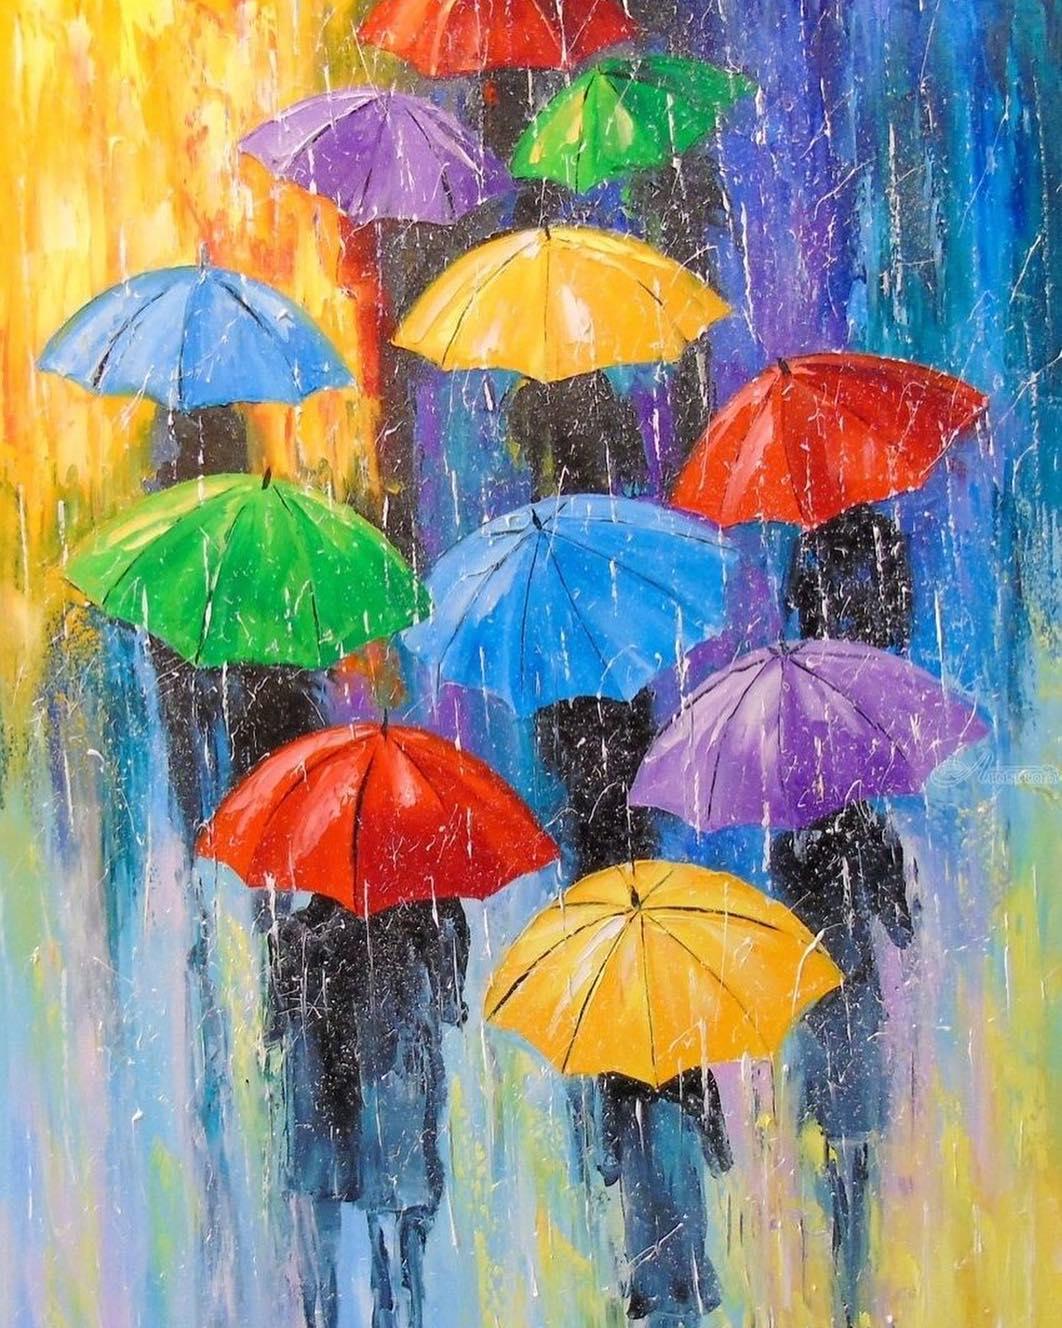 рисунок зонтики под дождем гремящей